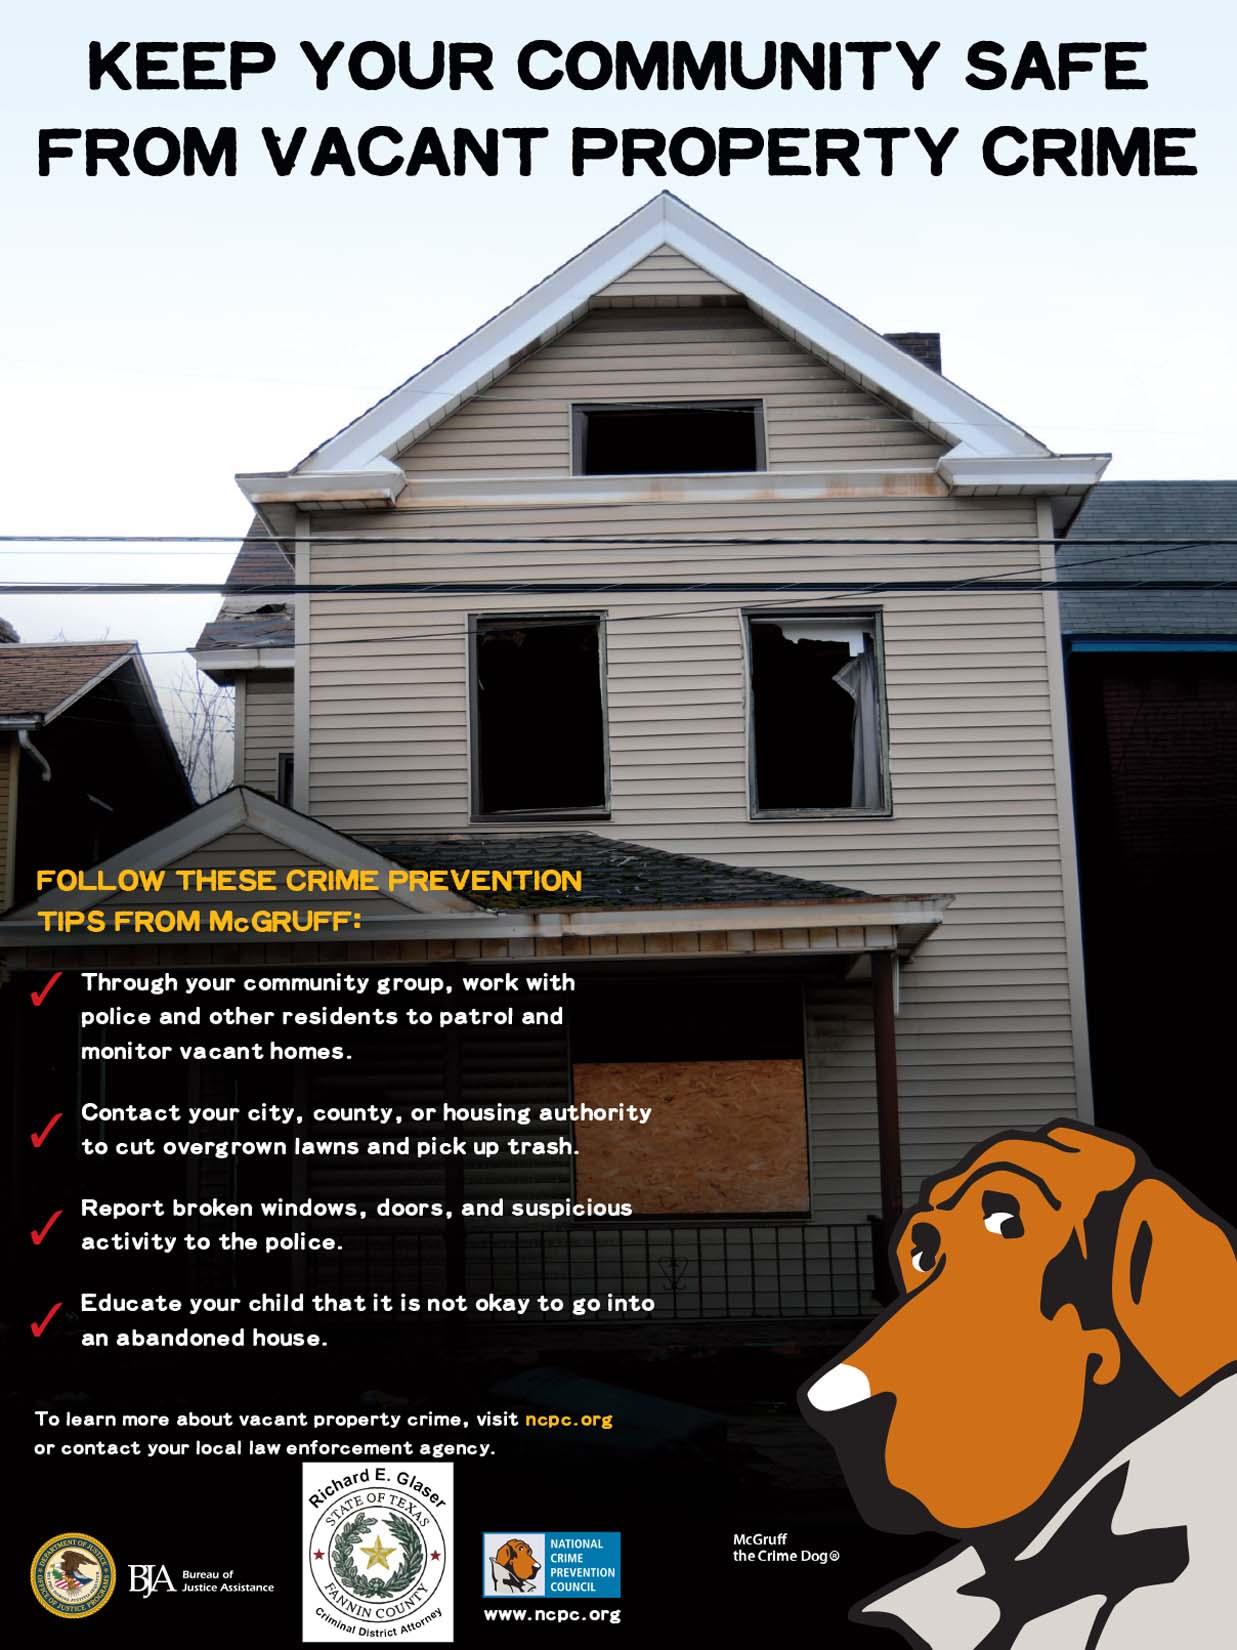 Vacant Property Crime -- PROPIEDAD DESOCUPADA